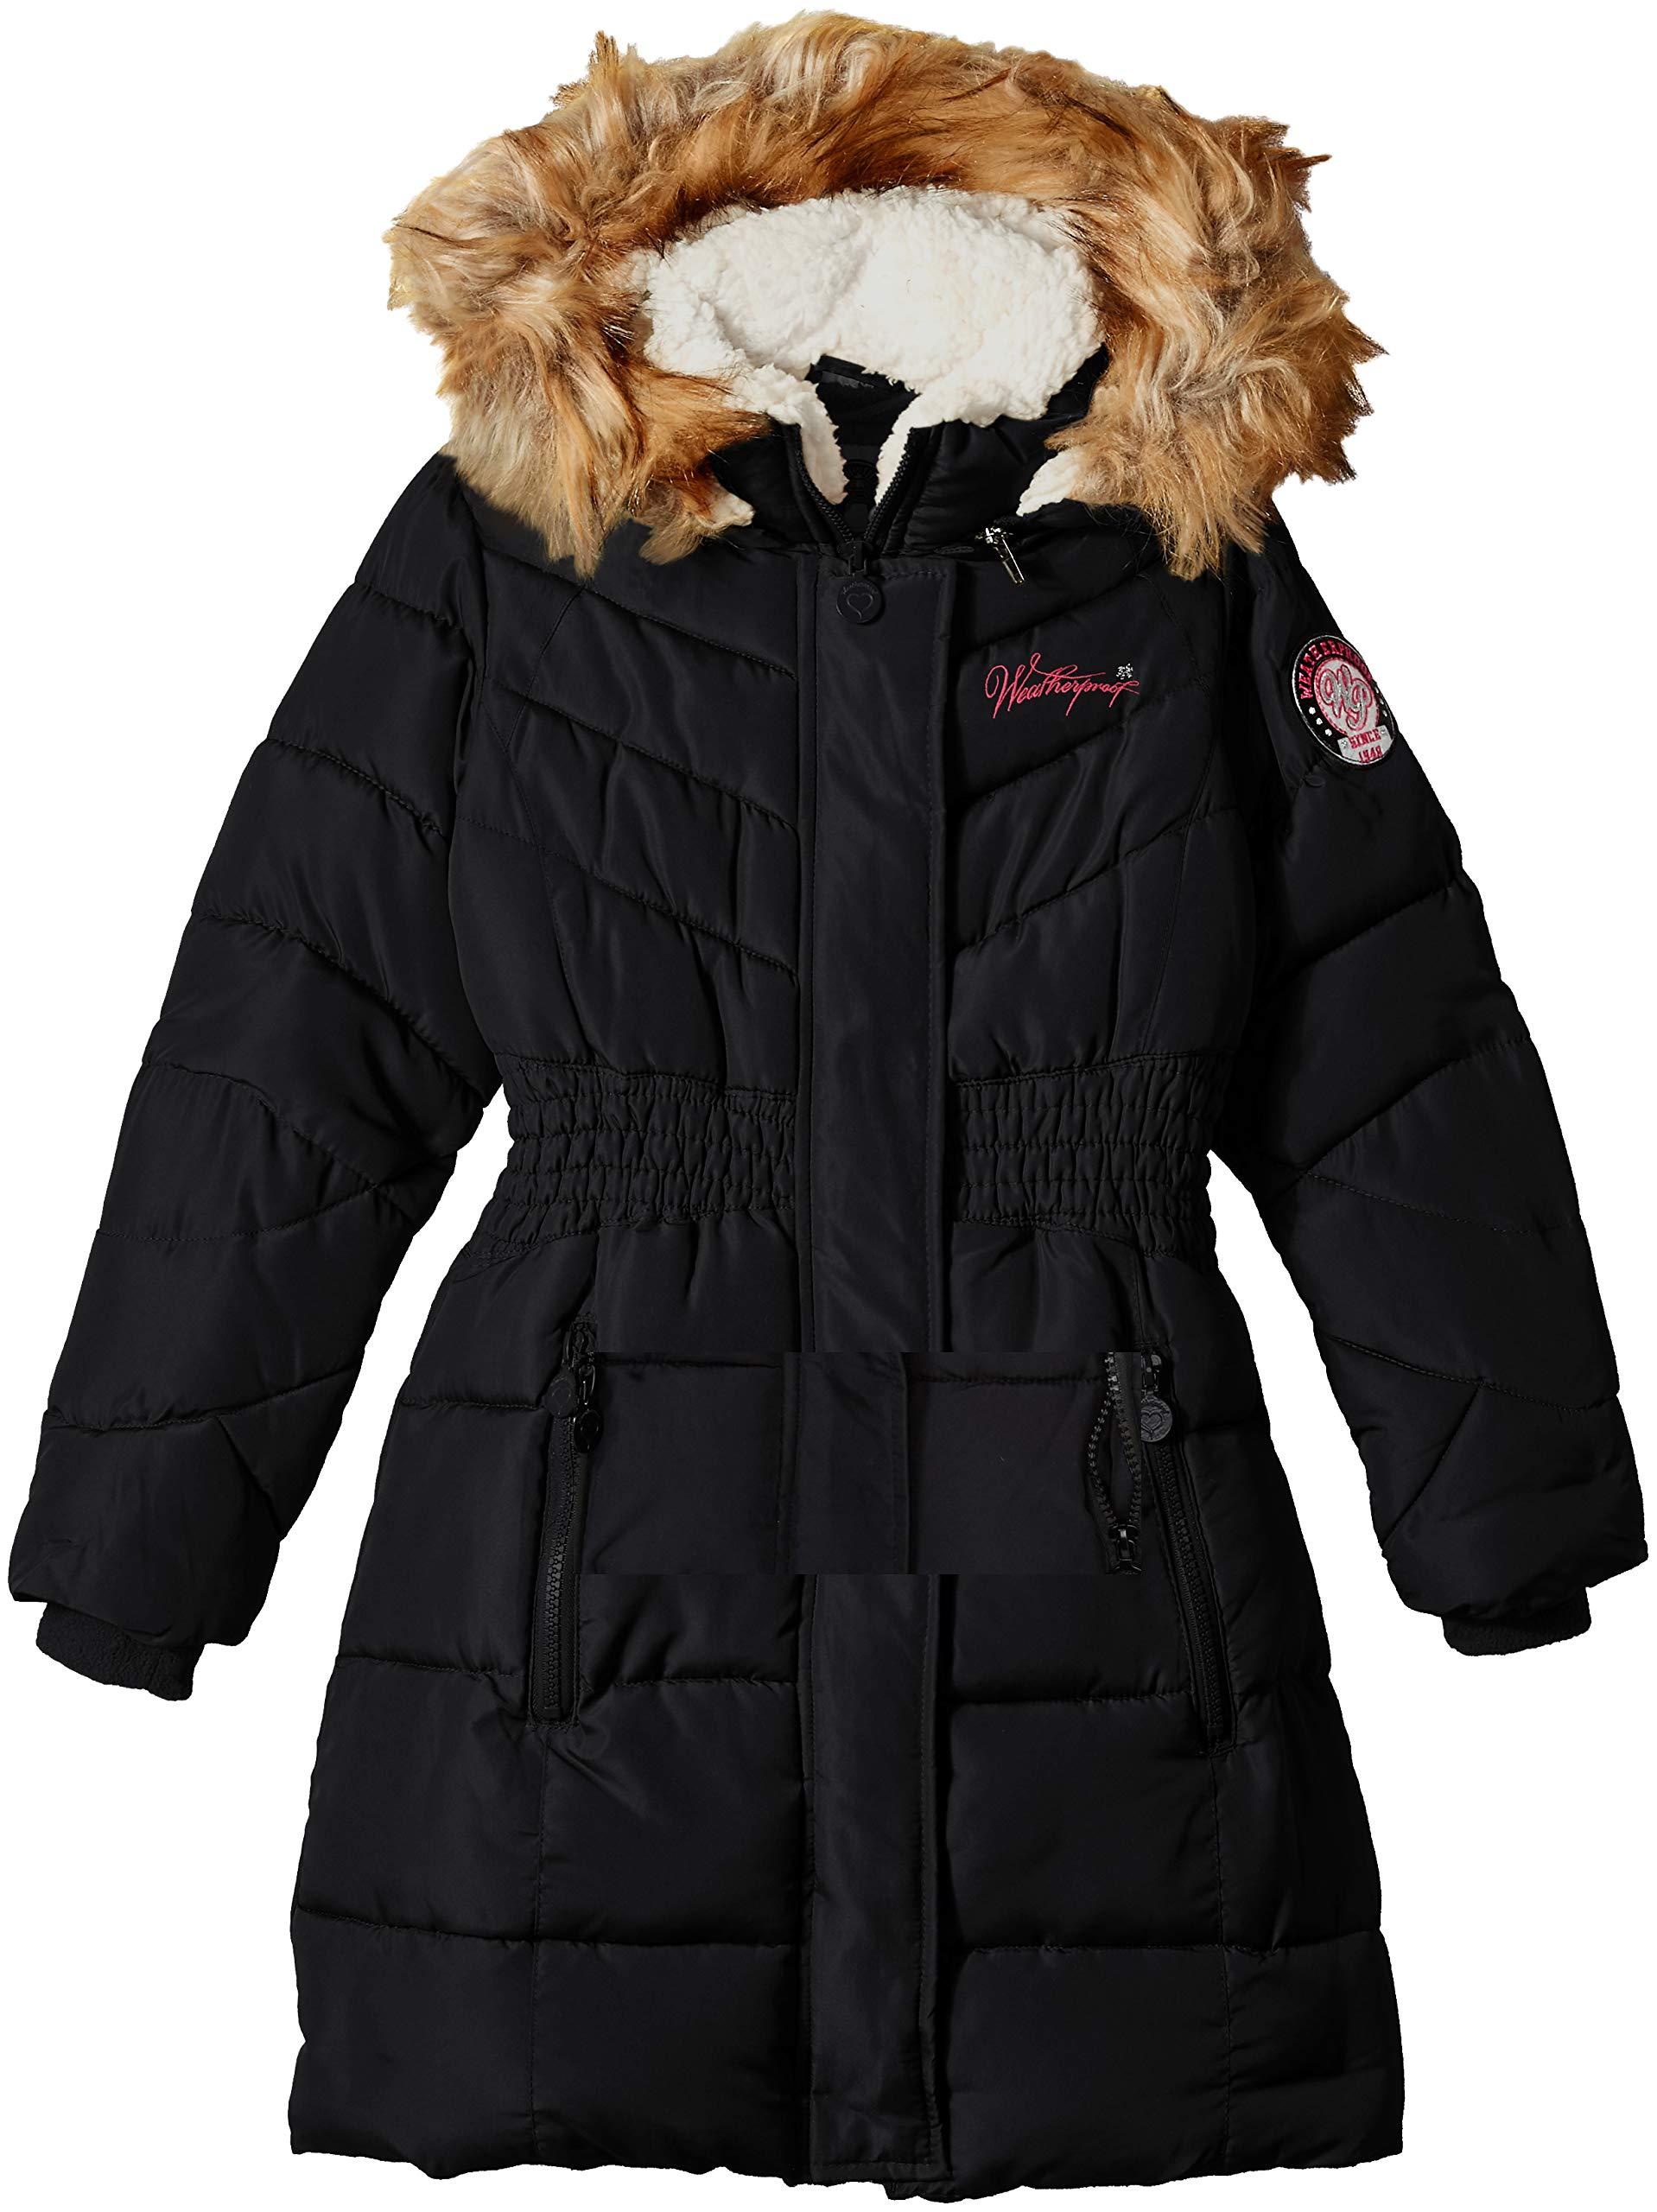 Weatherproof Girls' Hooded Bubble Jacket